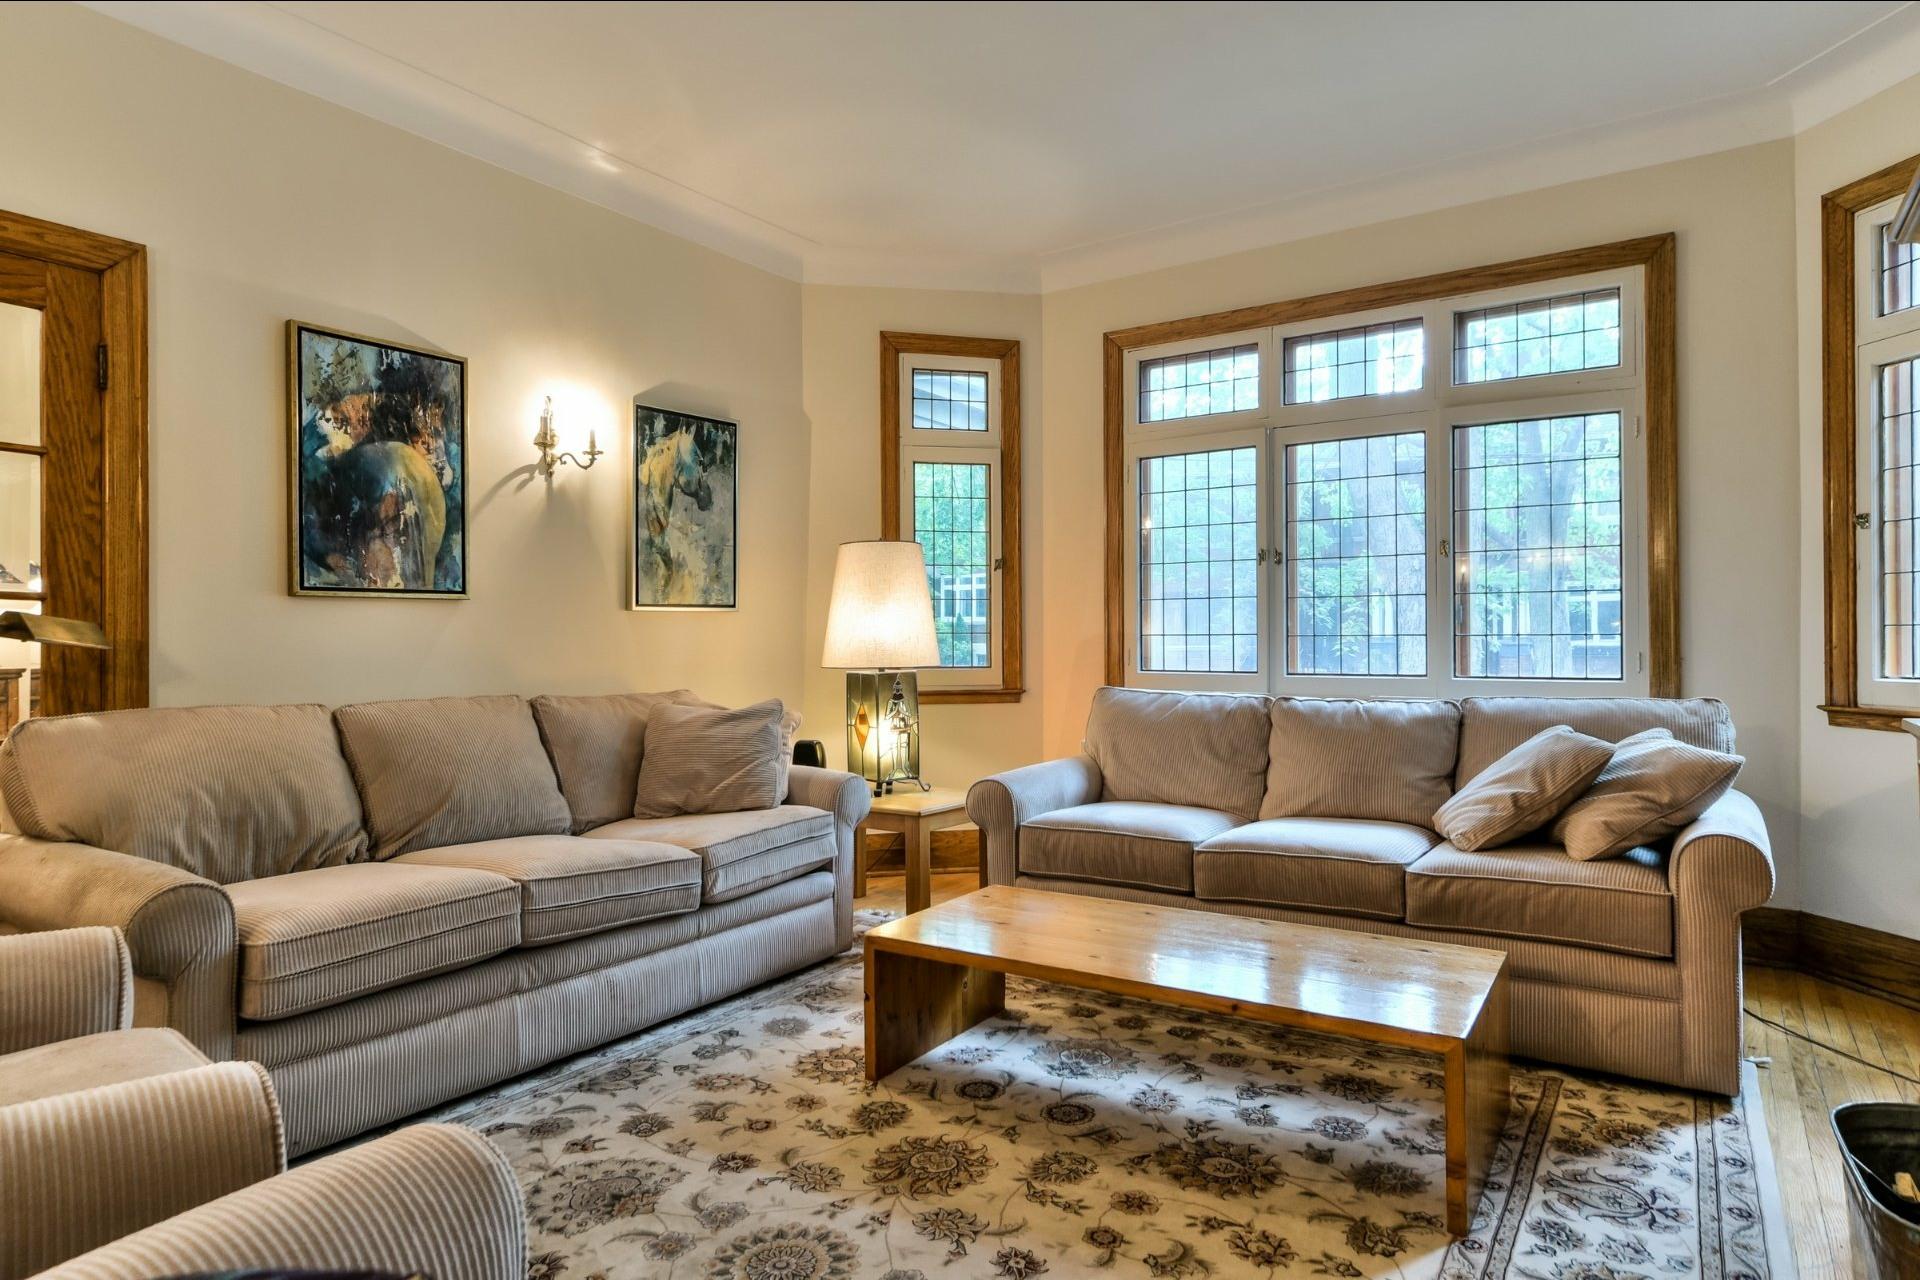 image 6 - House For sale Côte-des-Neiges/Notre-Dame-de-Grâce Montréal  - 13 rooms